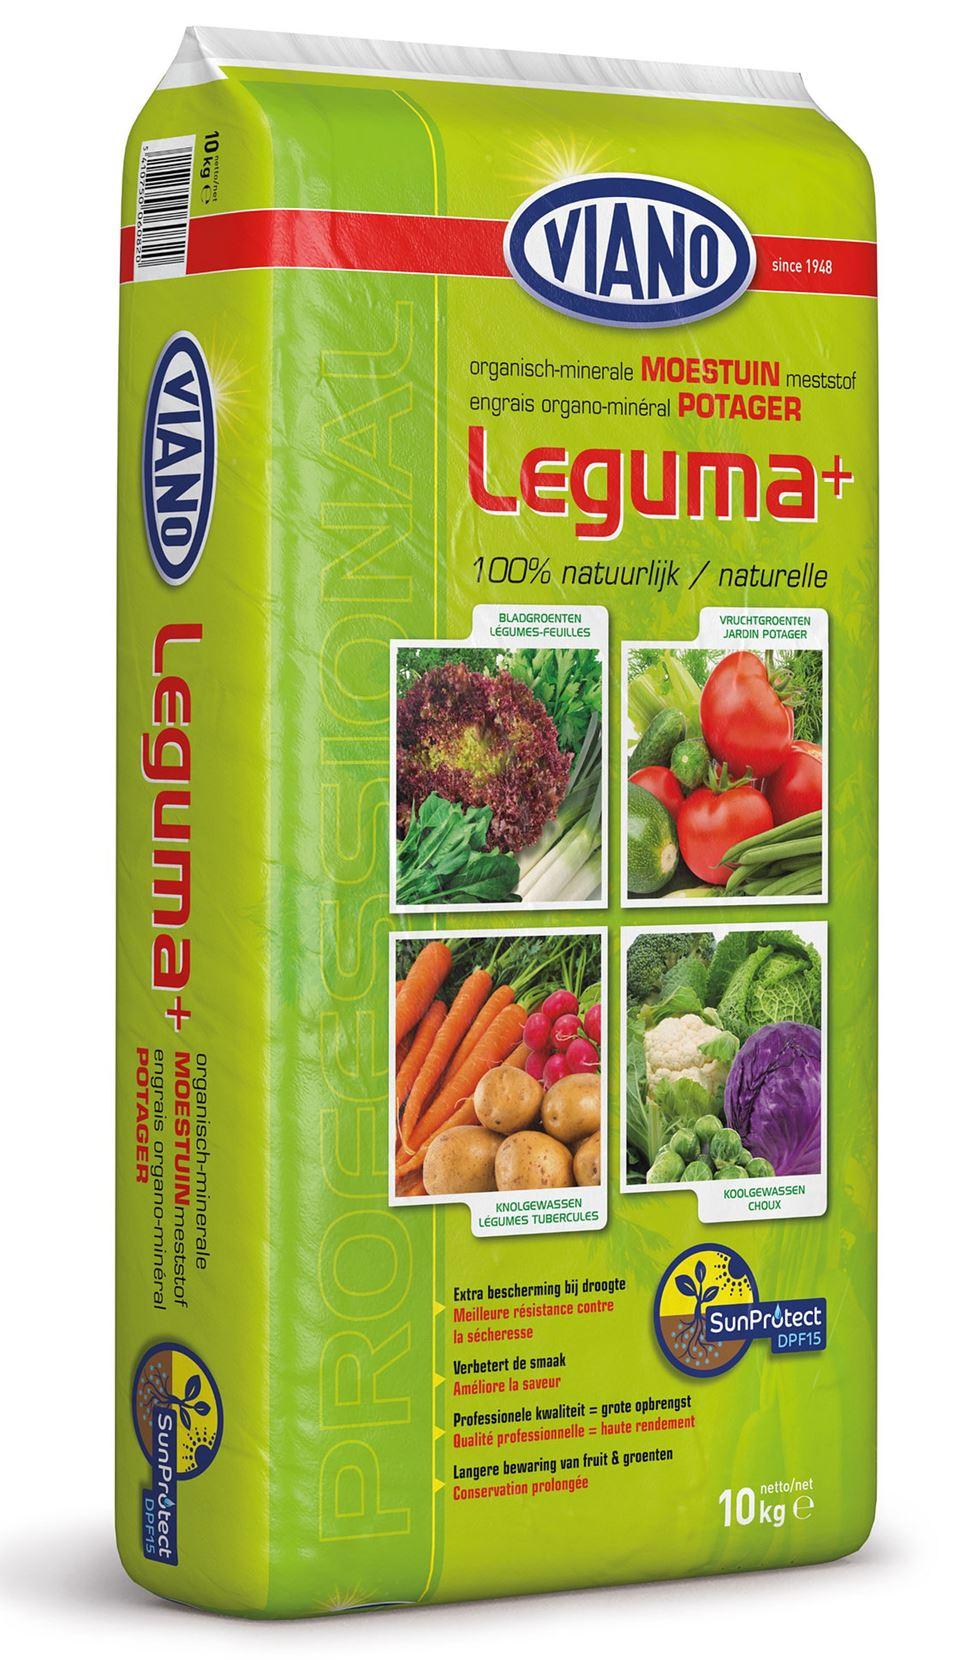 Leguma+ 10kg moestuin meststof meststof met SunProtect DPF 15